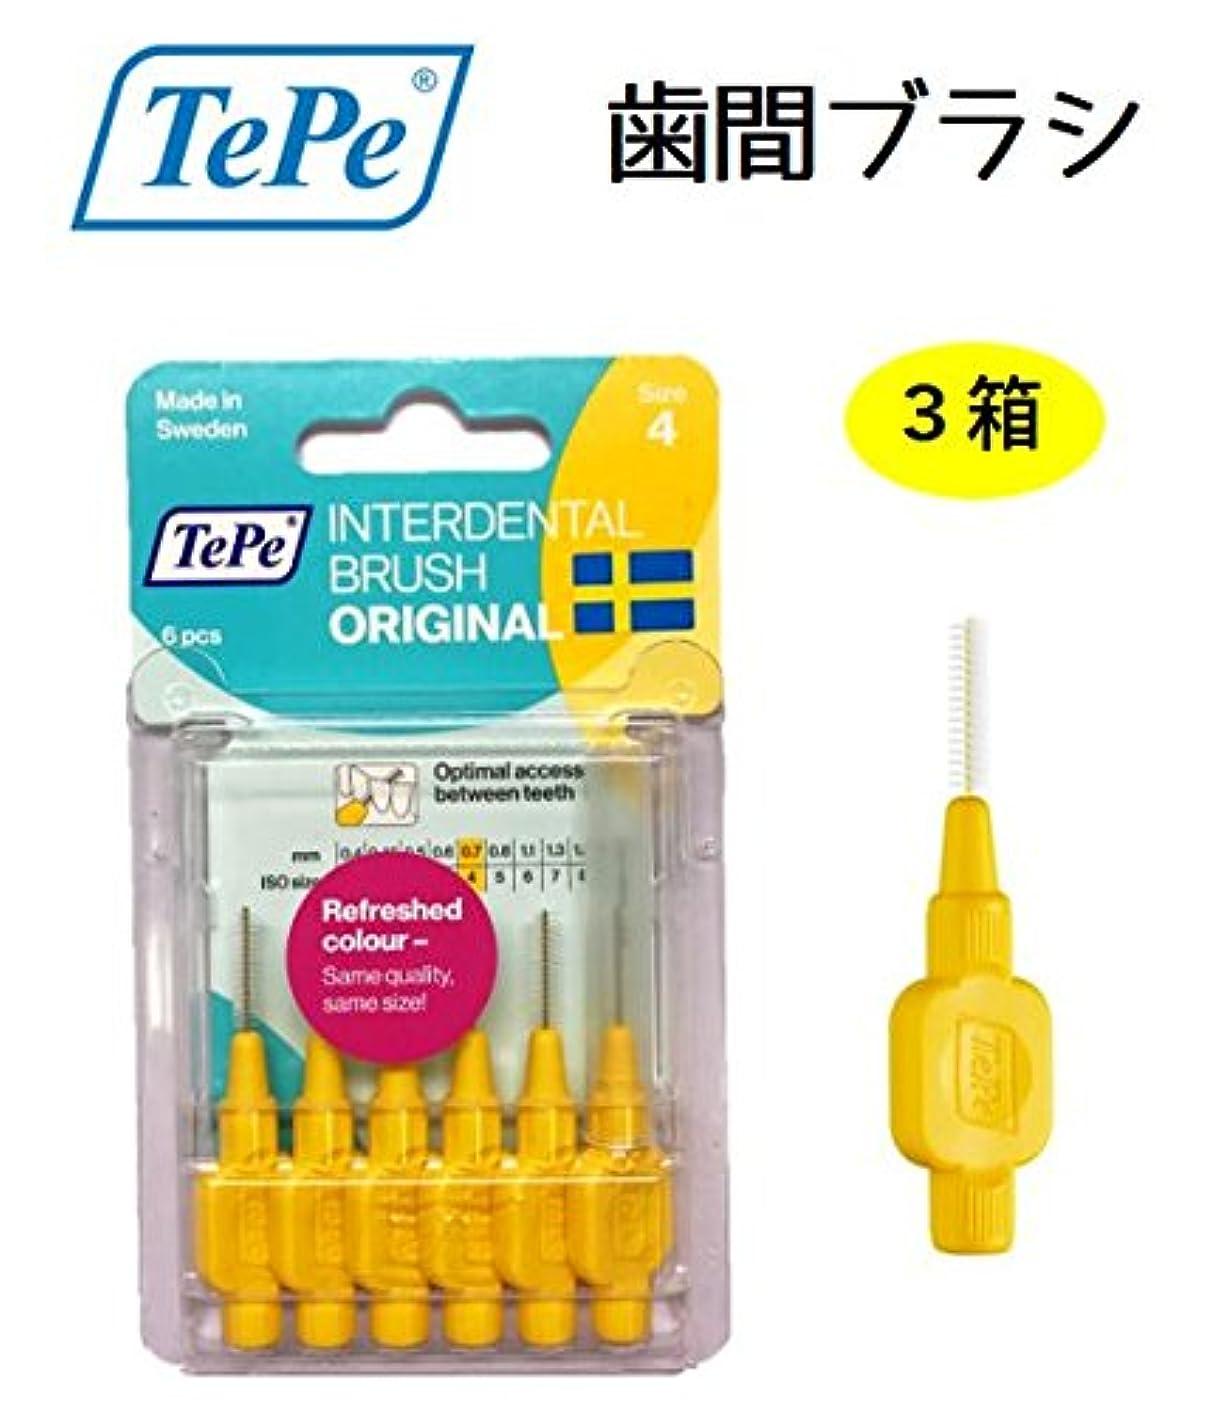 数値プレゼンターくまテペ 歯間プラシ 0.7mm ブリスターパック 3パック TePe IDブラシ